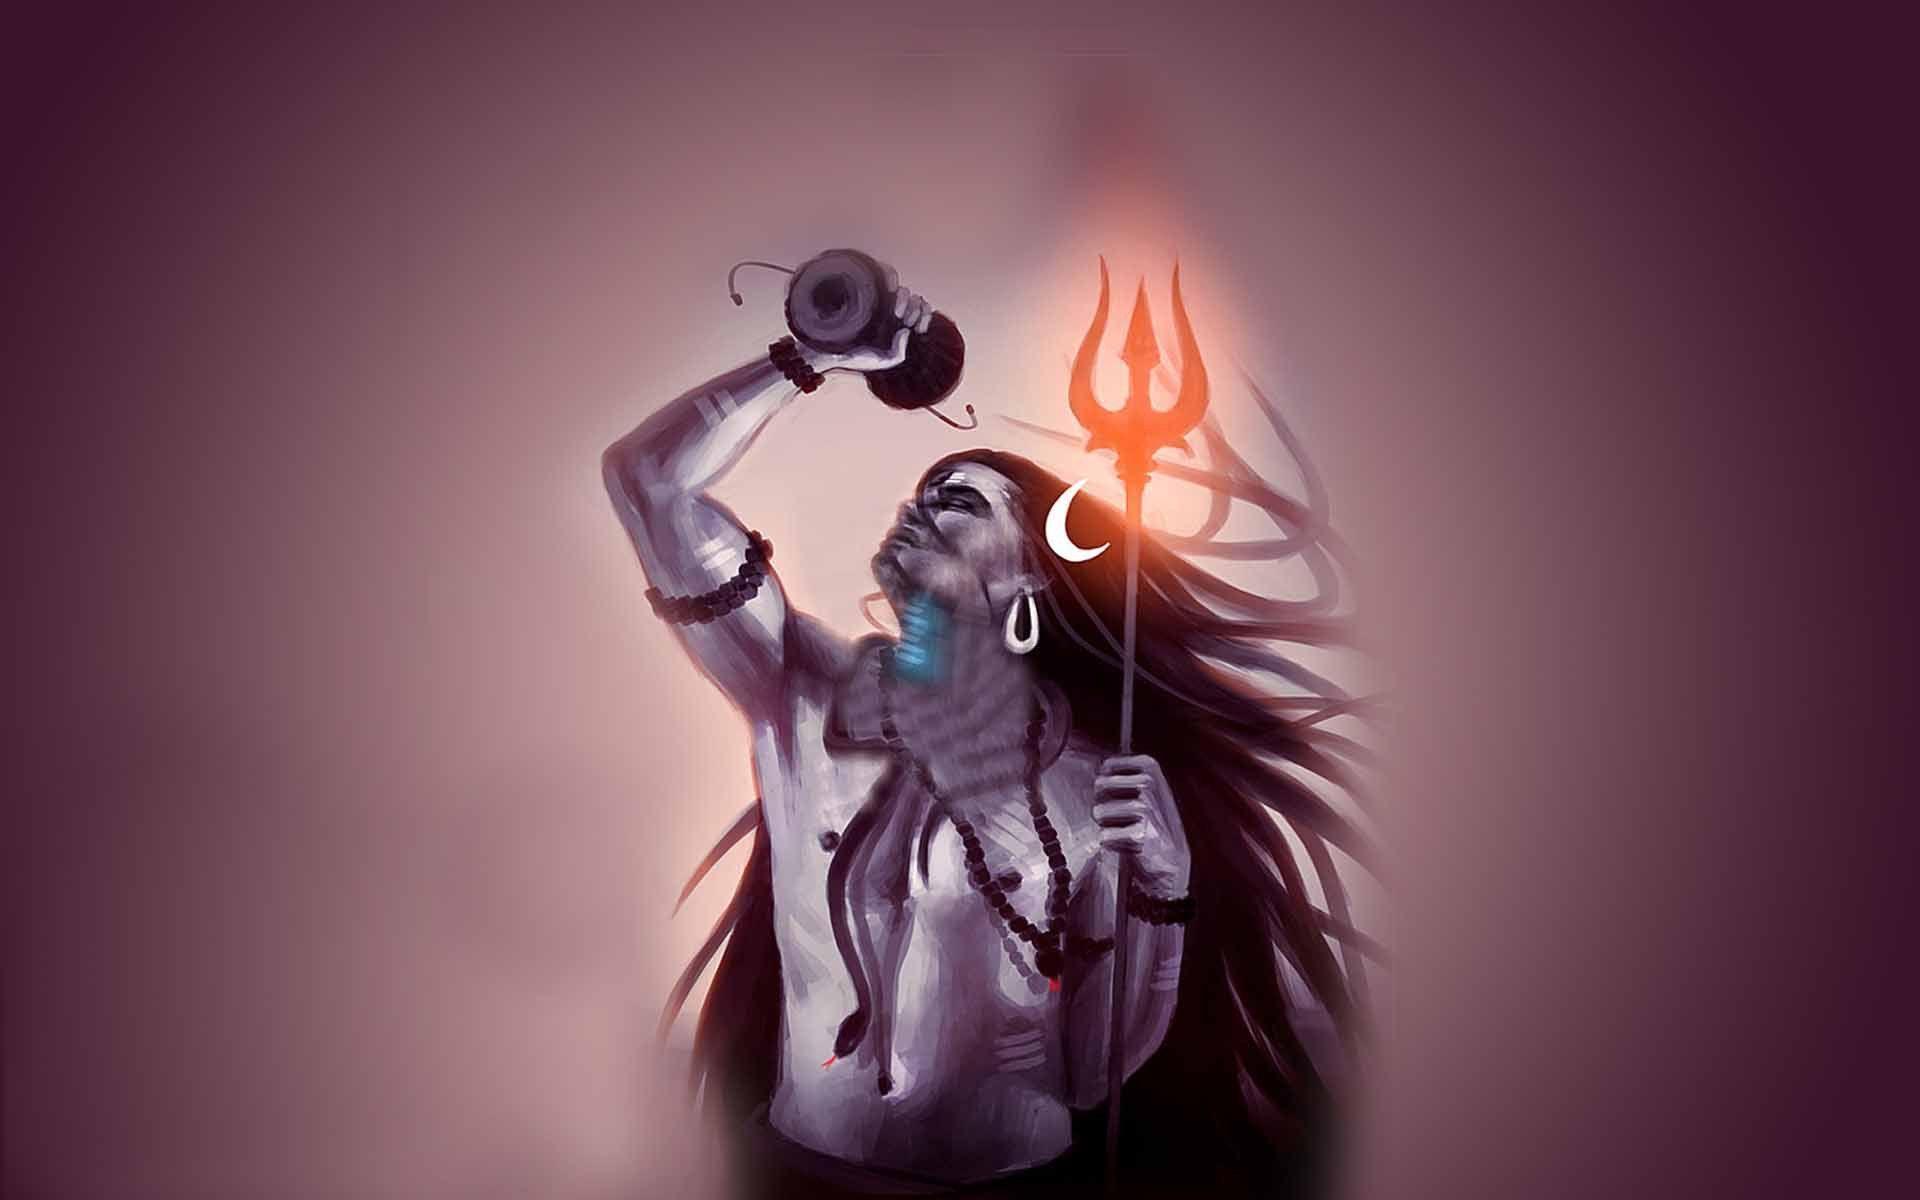 1920x1200 Chúa Shiva hình nền